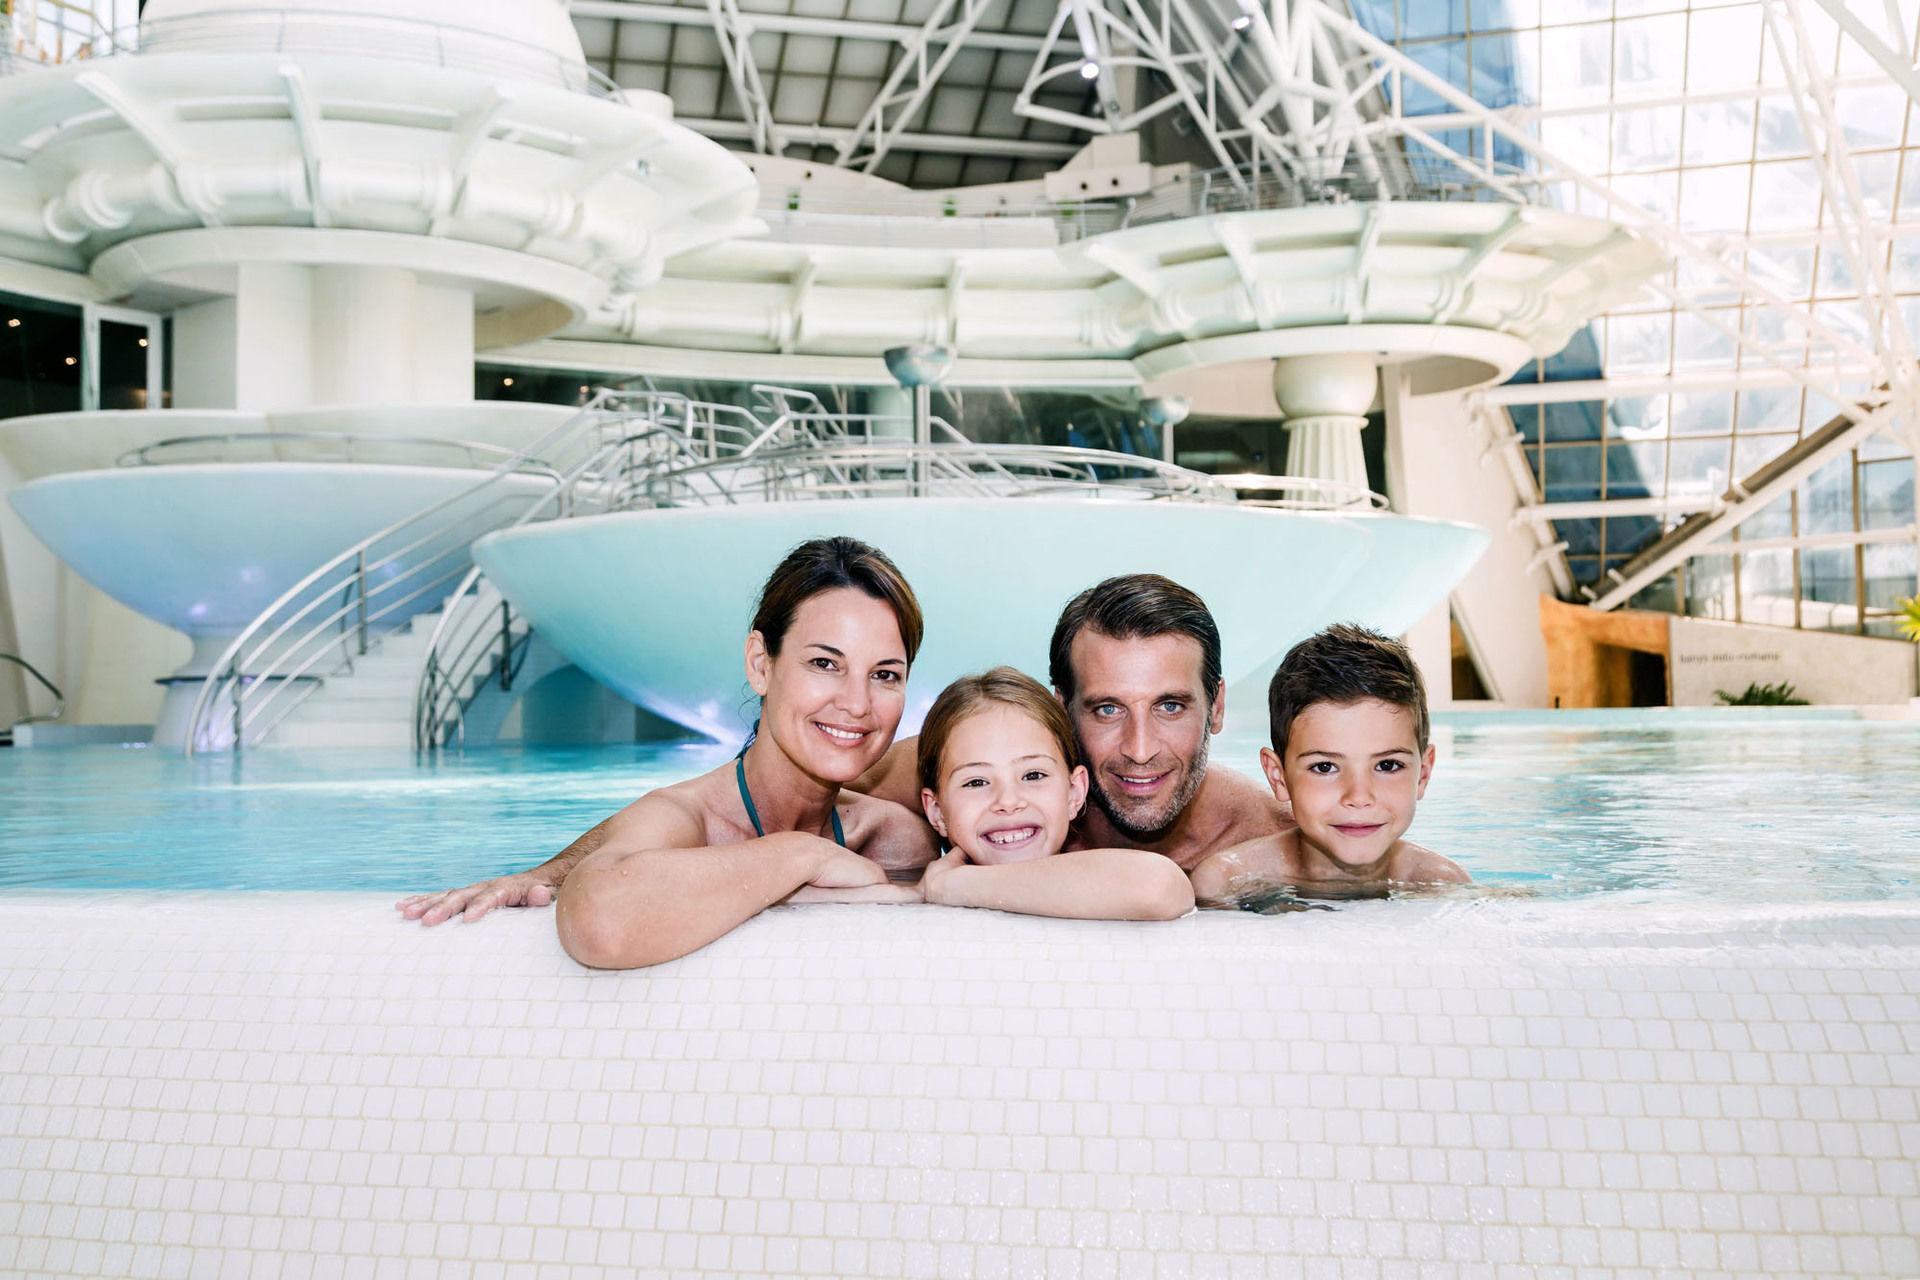 Caldea - Hôtel Diplomatic 4* avec accès à Caldea et un massage (Offre spéciale Carrefour)